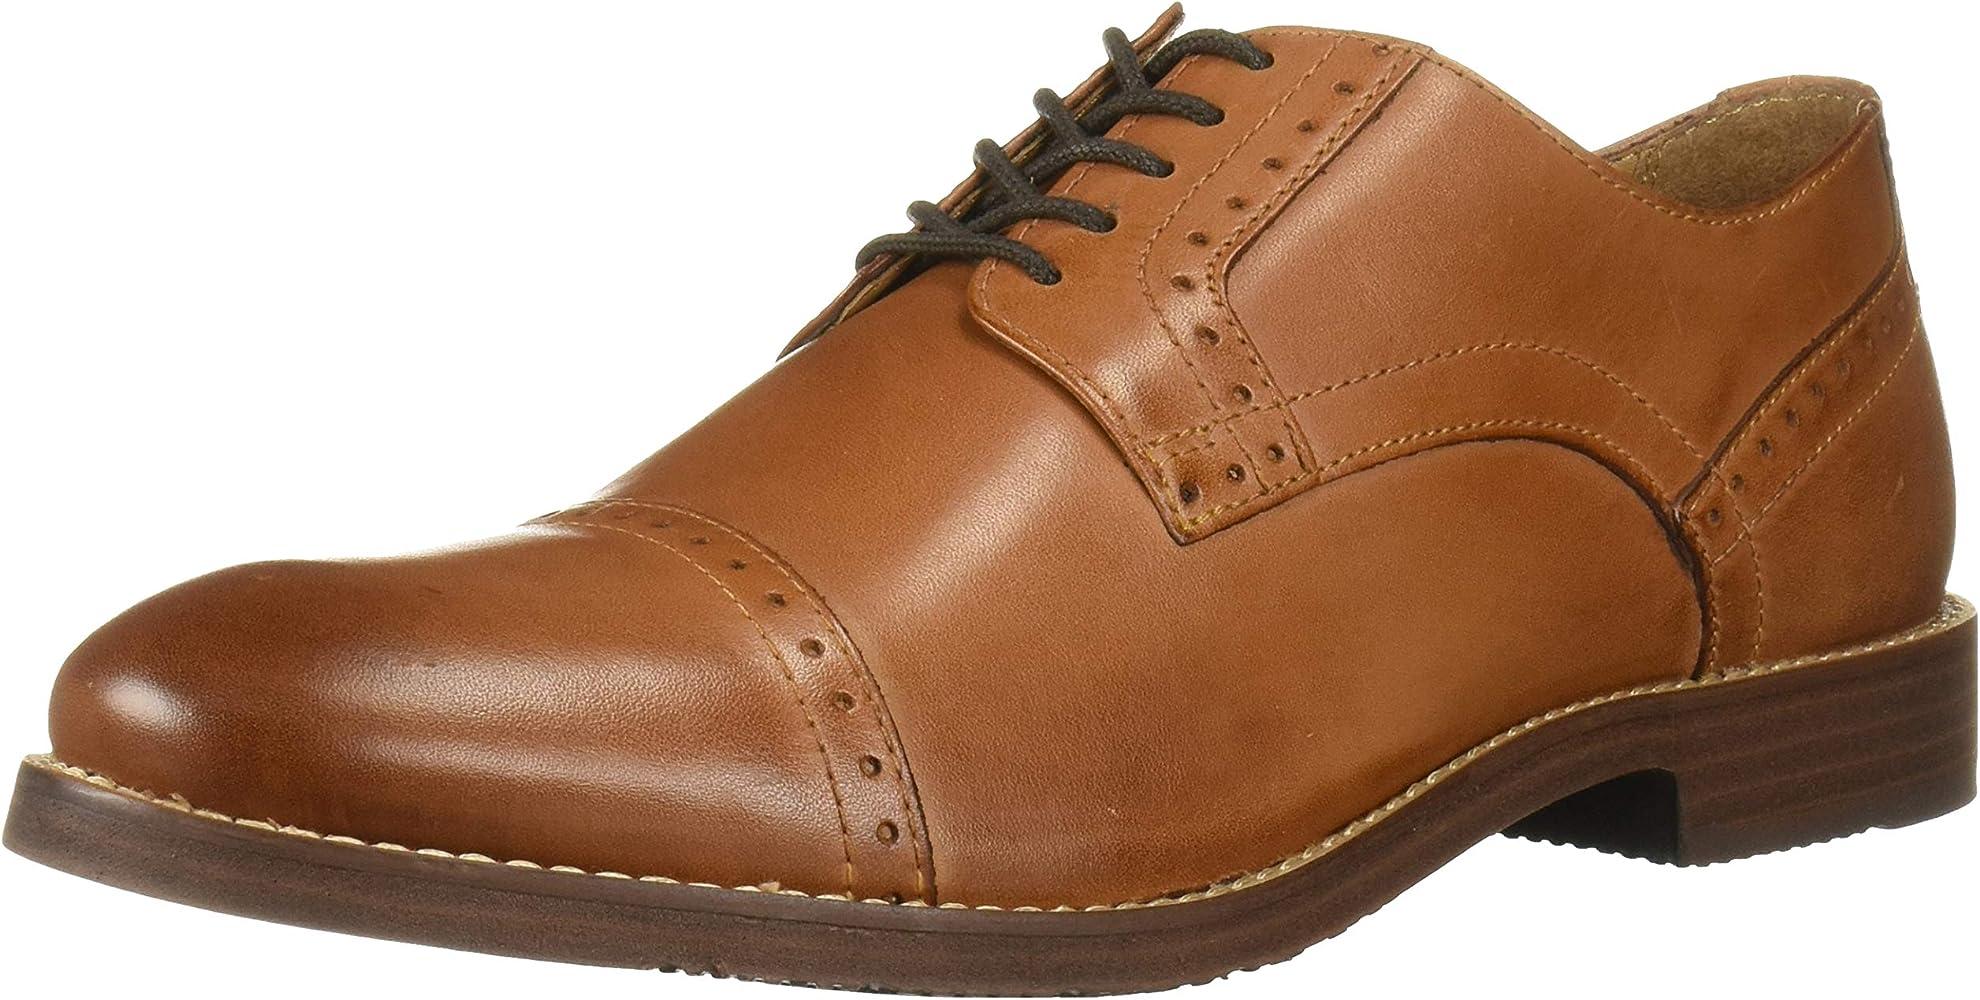 fed3faf6e66db Amazon.com | Nunn Bush Men's Middleton Cap Toe Oxford, Cognac, 13 ...